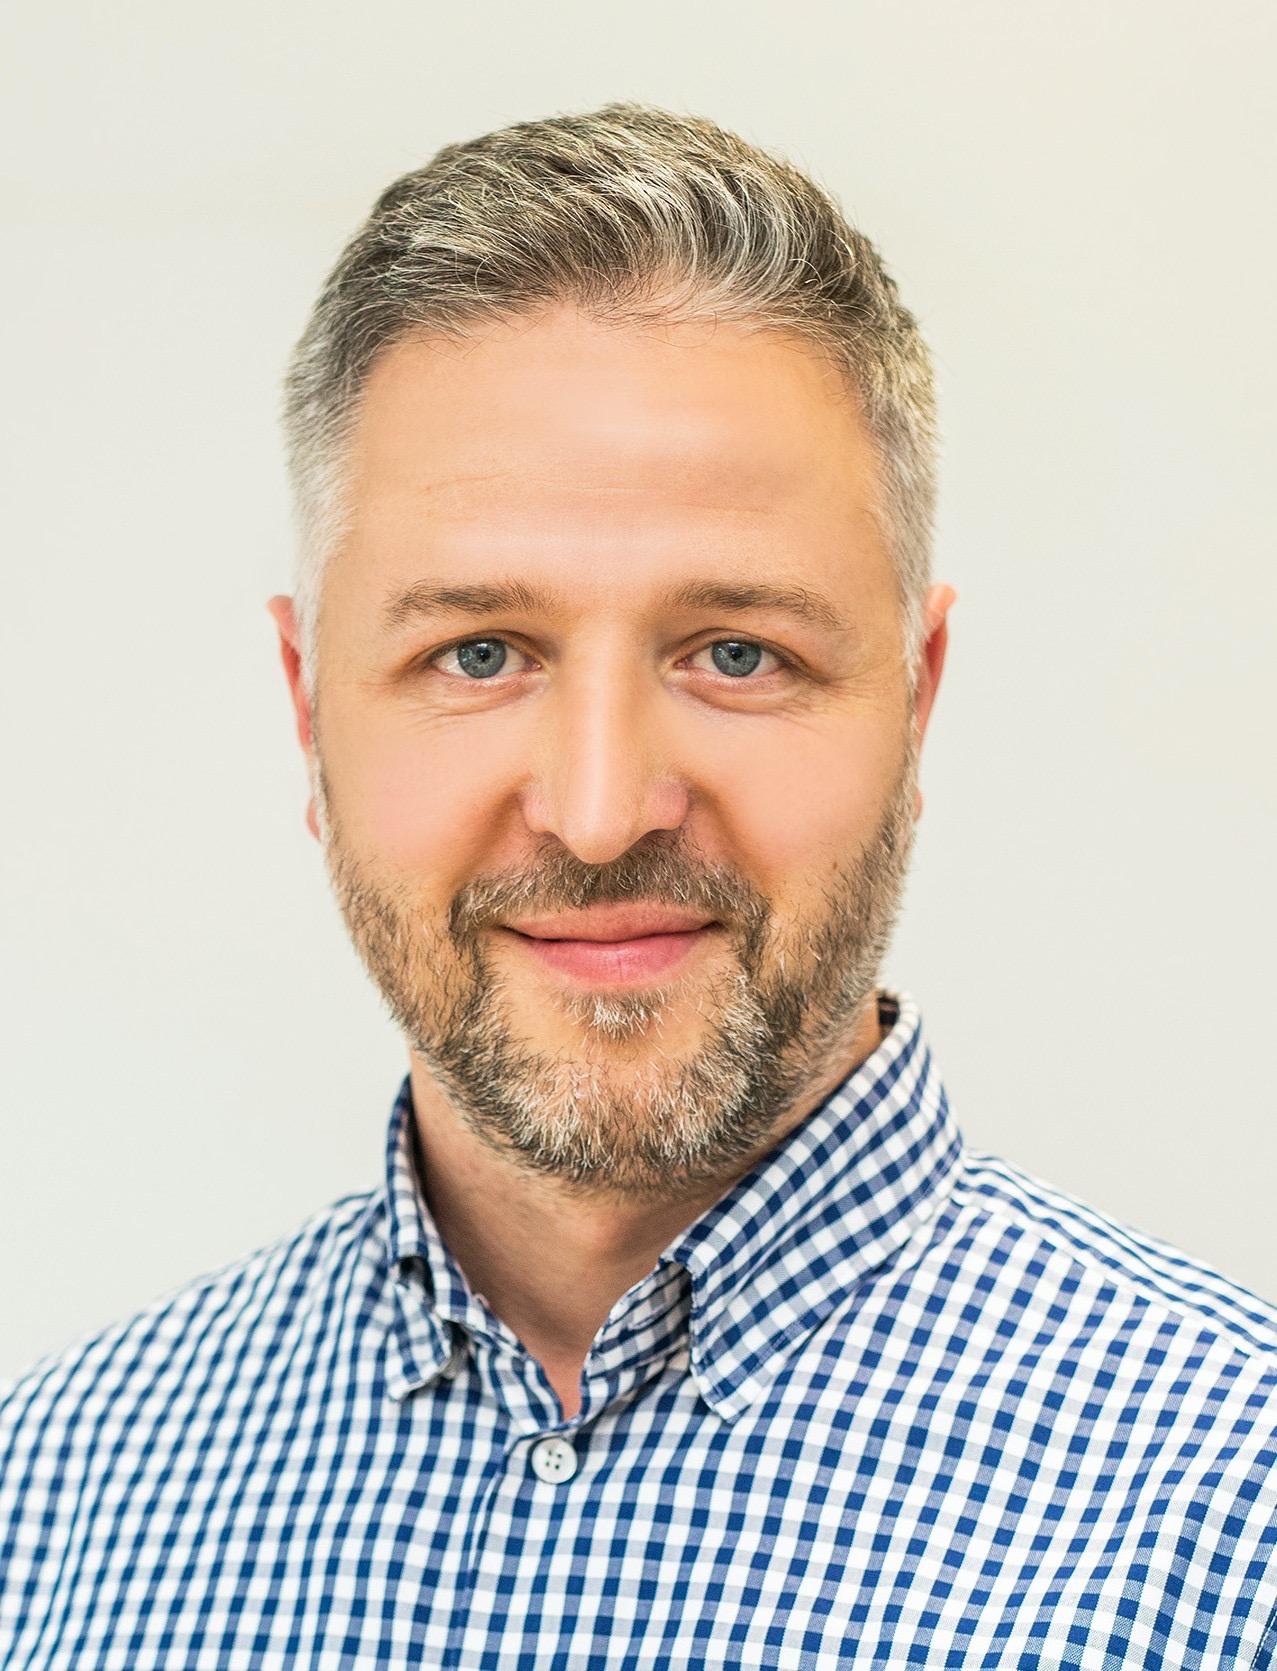 Mateusz Stańczak